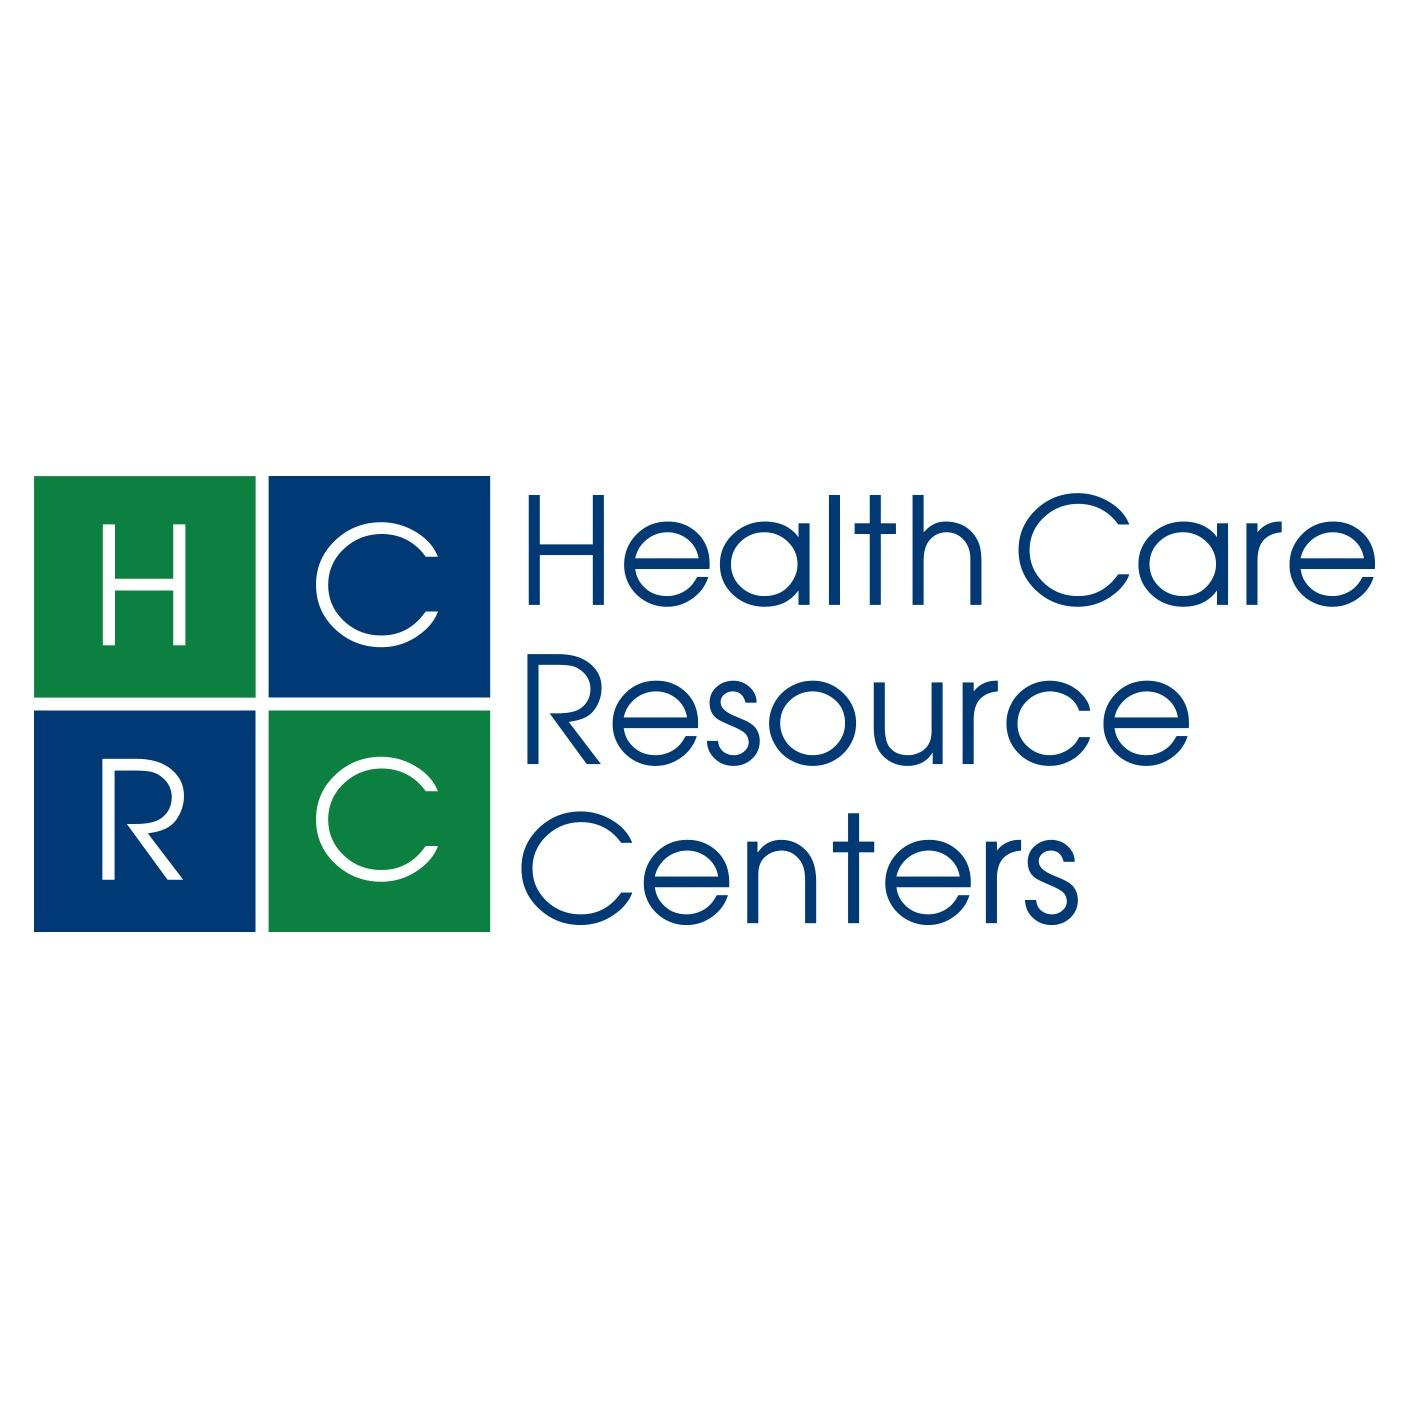 Health Care Resource Centers Newington